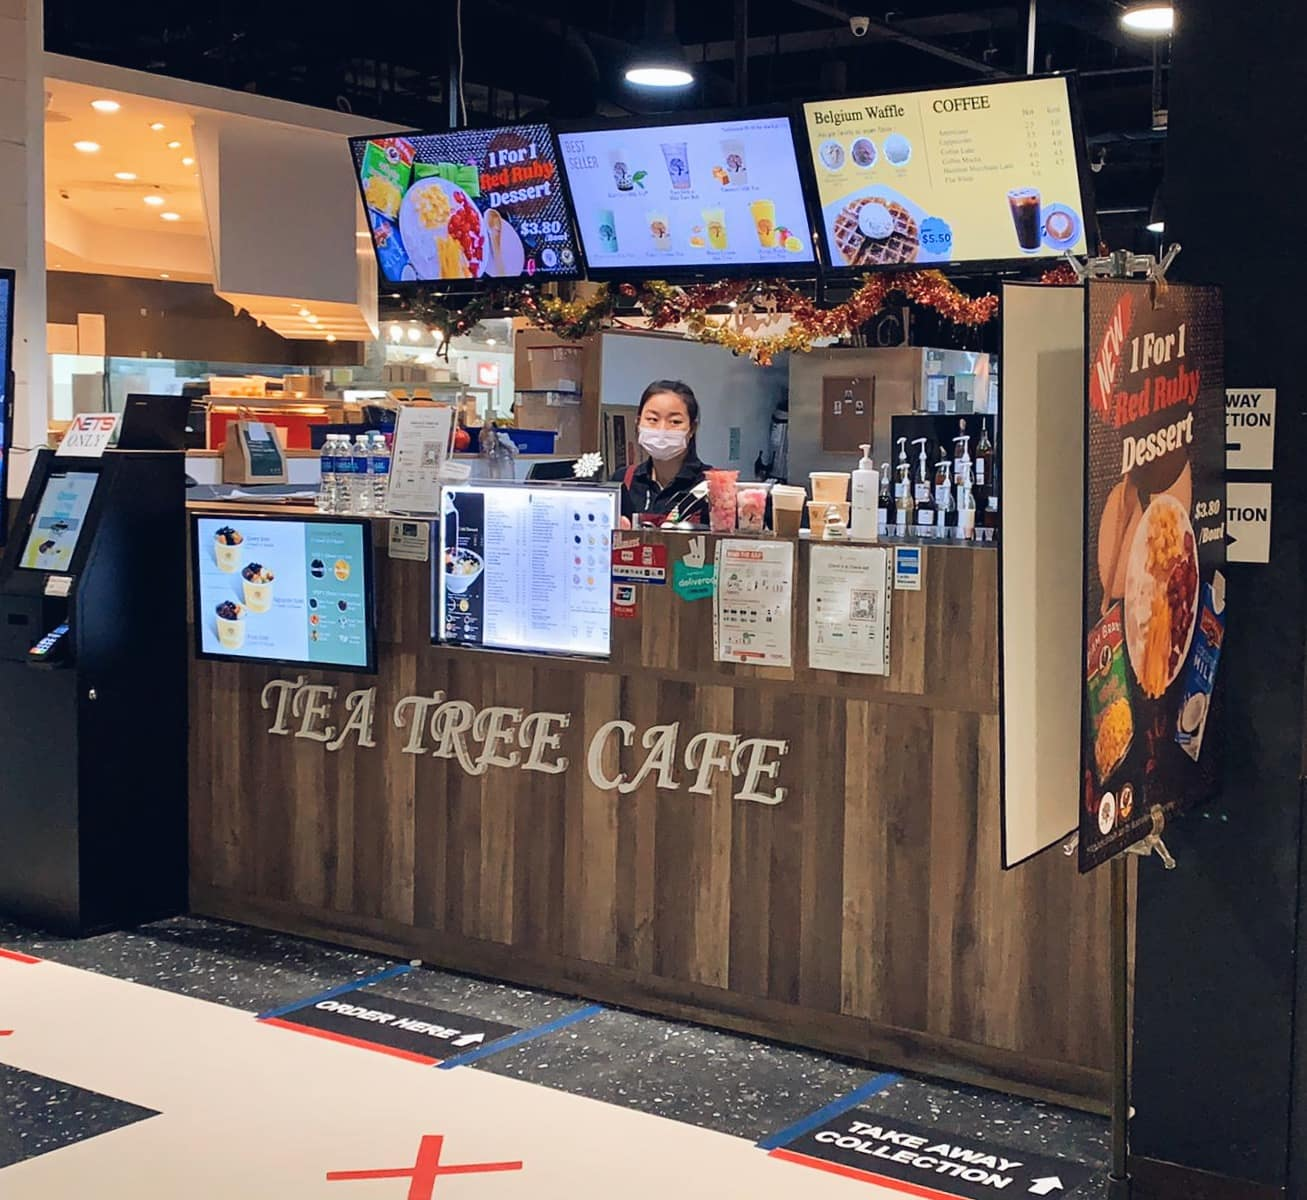 Tea Tree Cafe x StaffAny